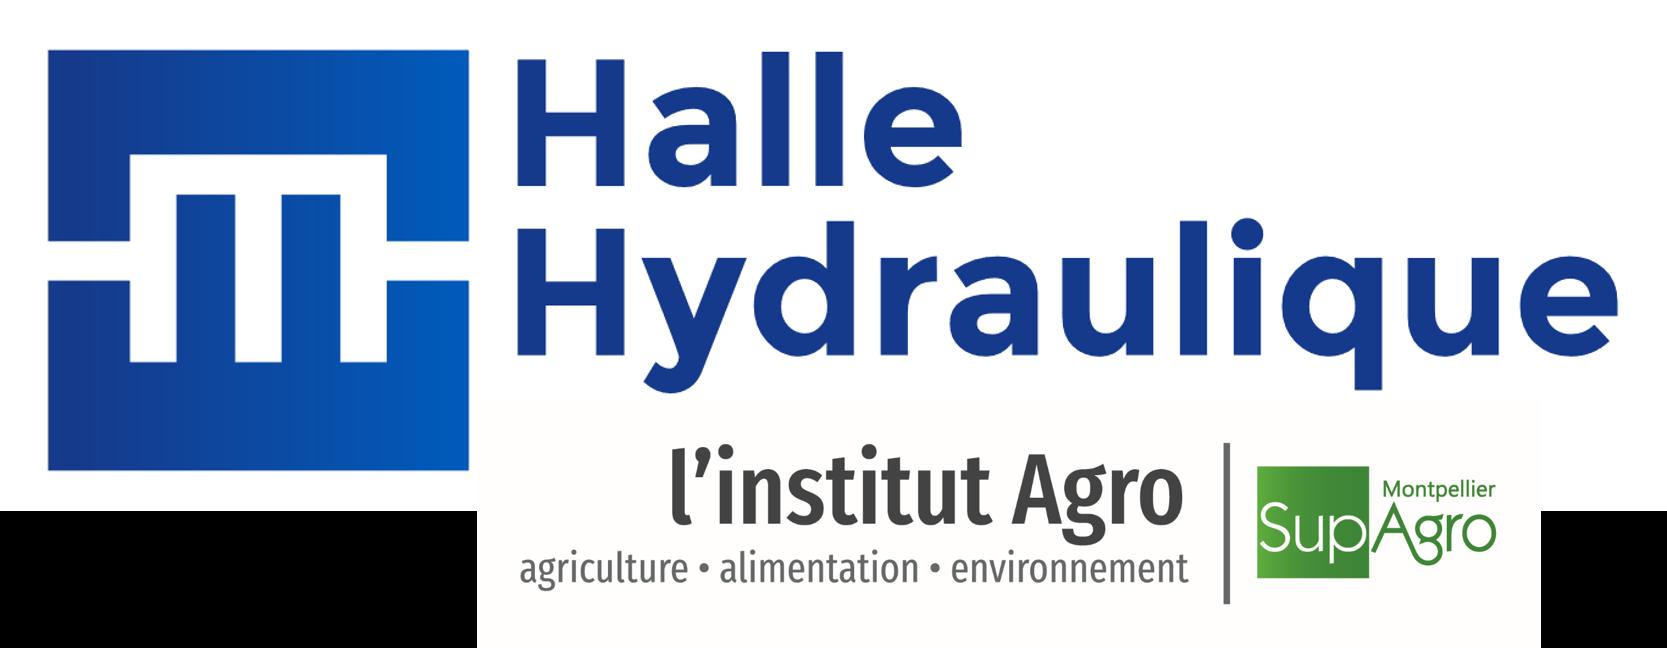 logo_hallehydraulique